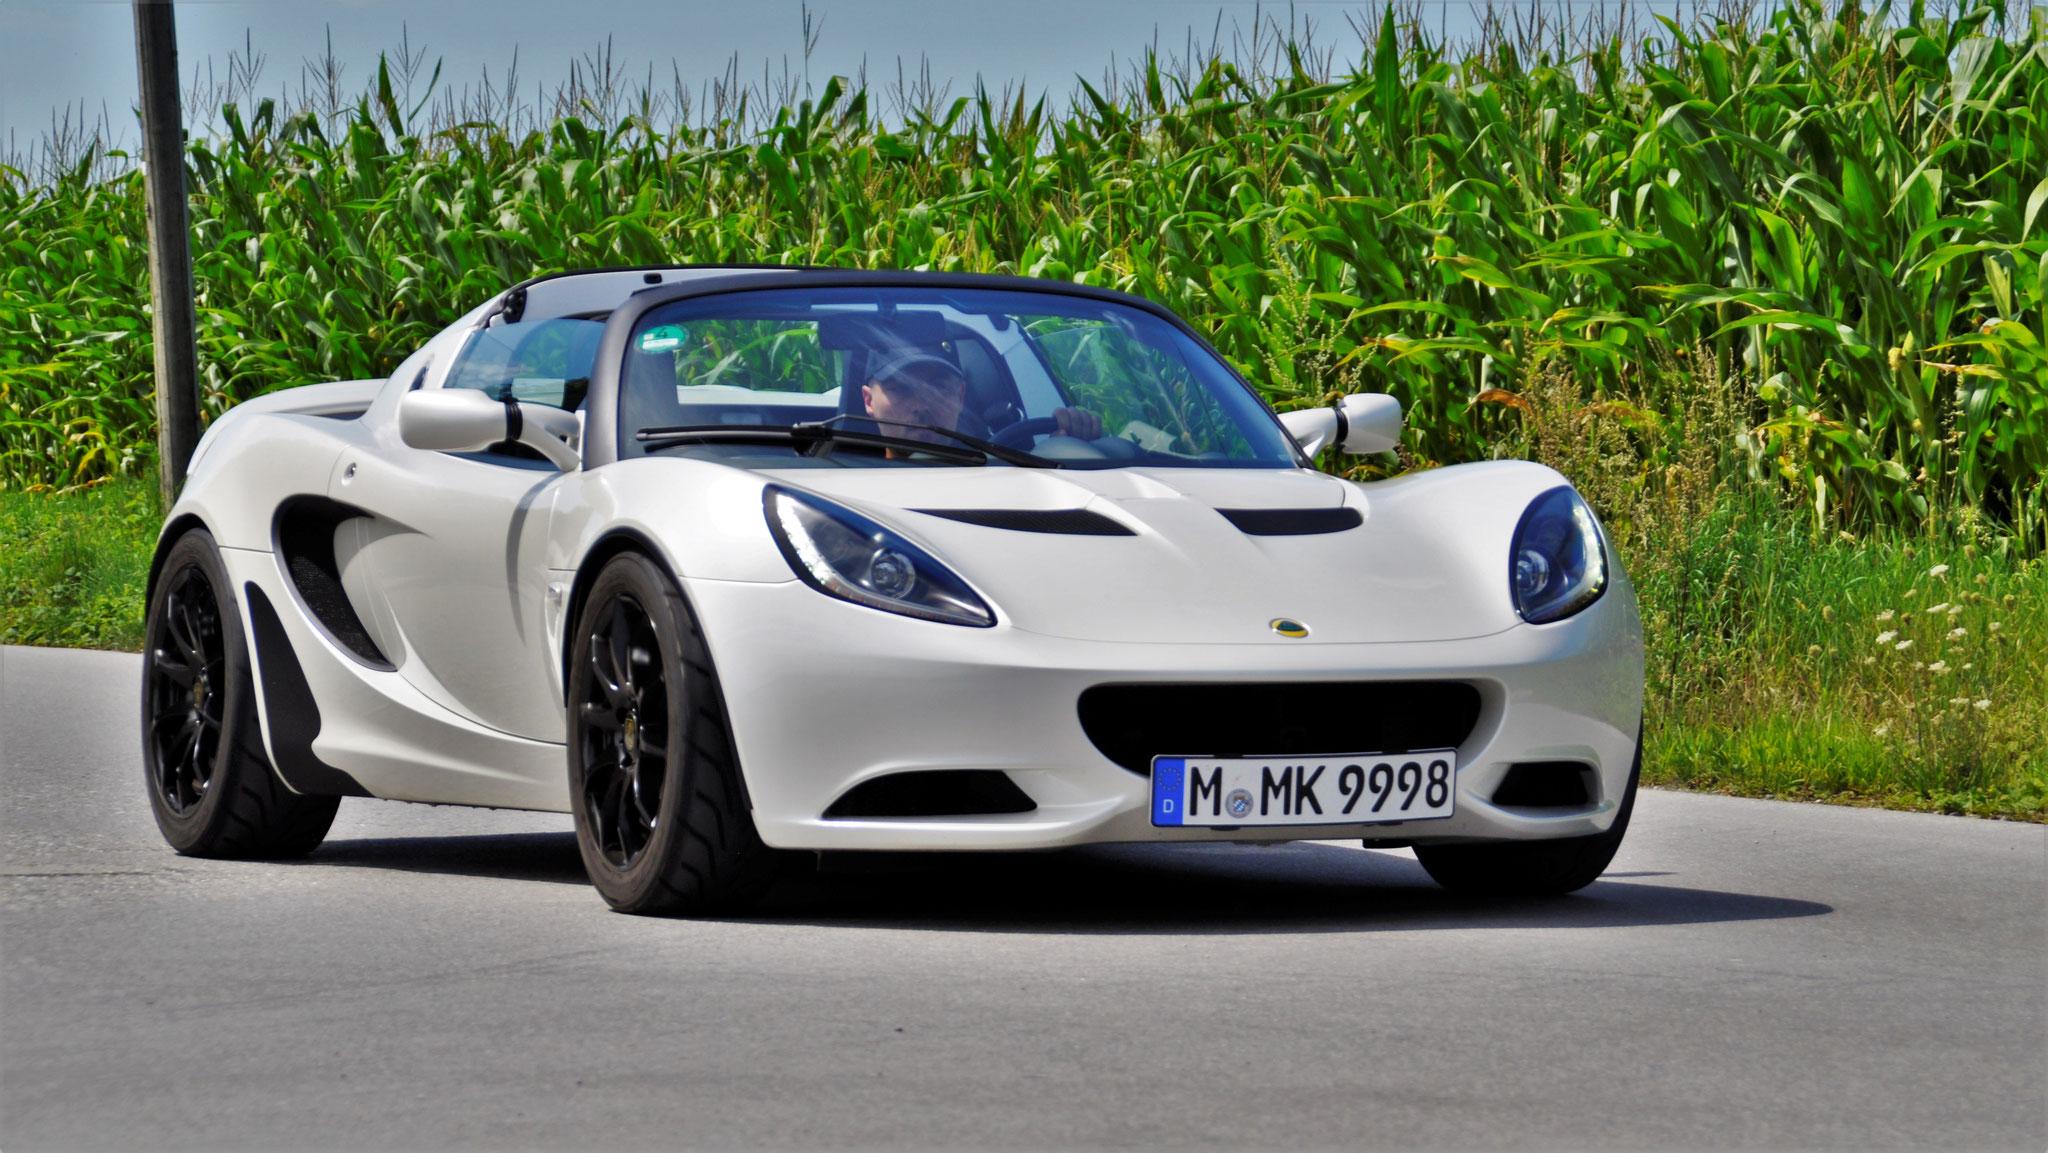 Lotus Elise S3 SC - M-MK-9998